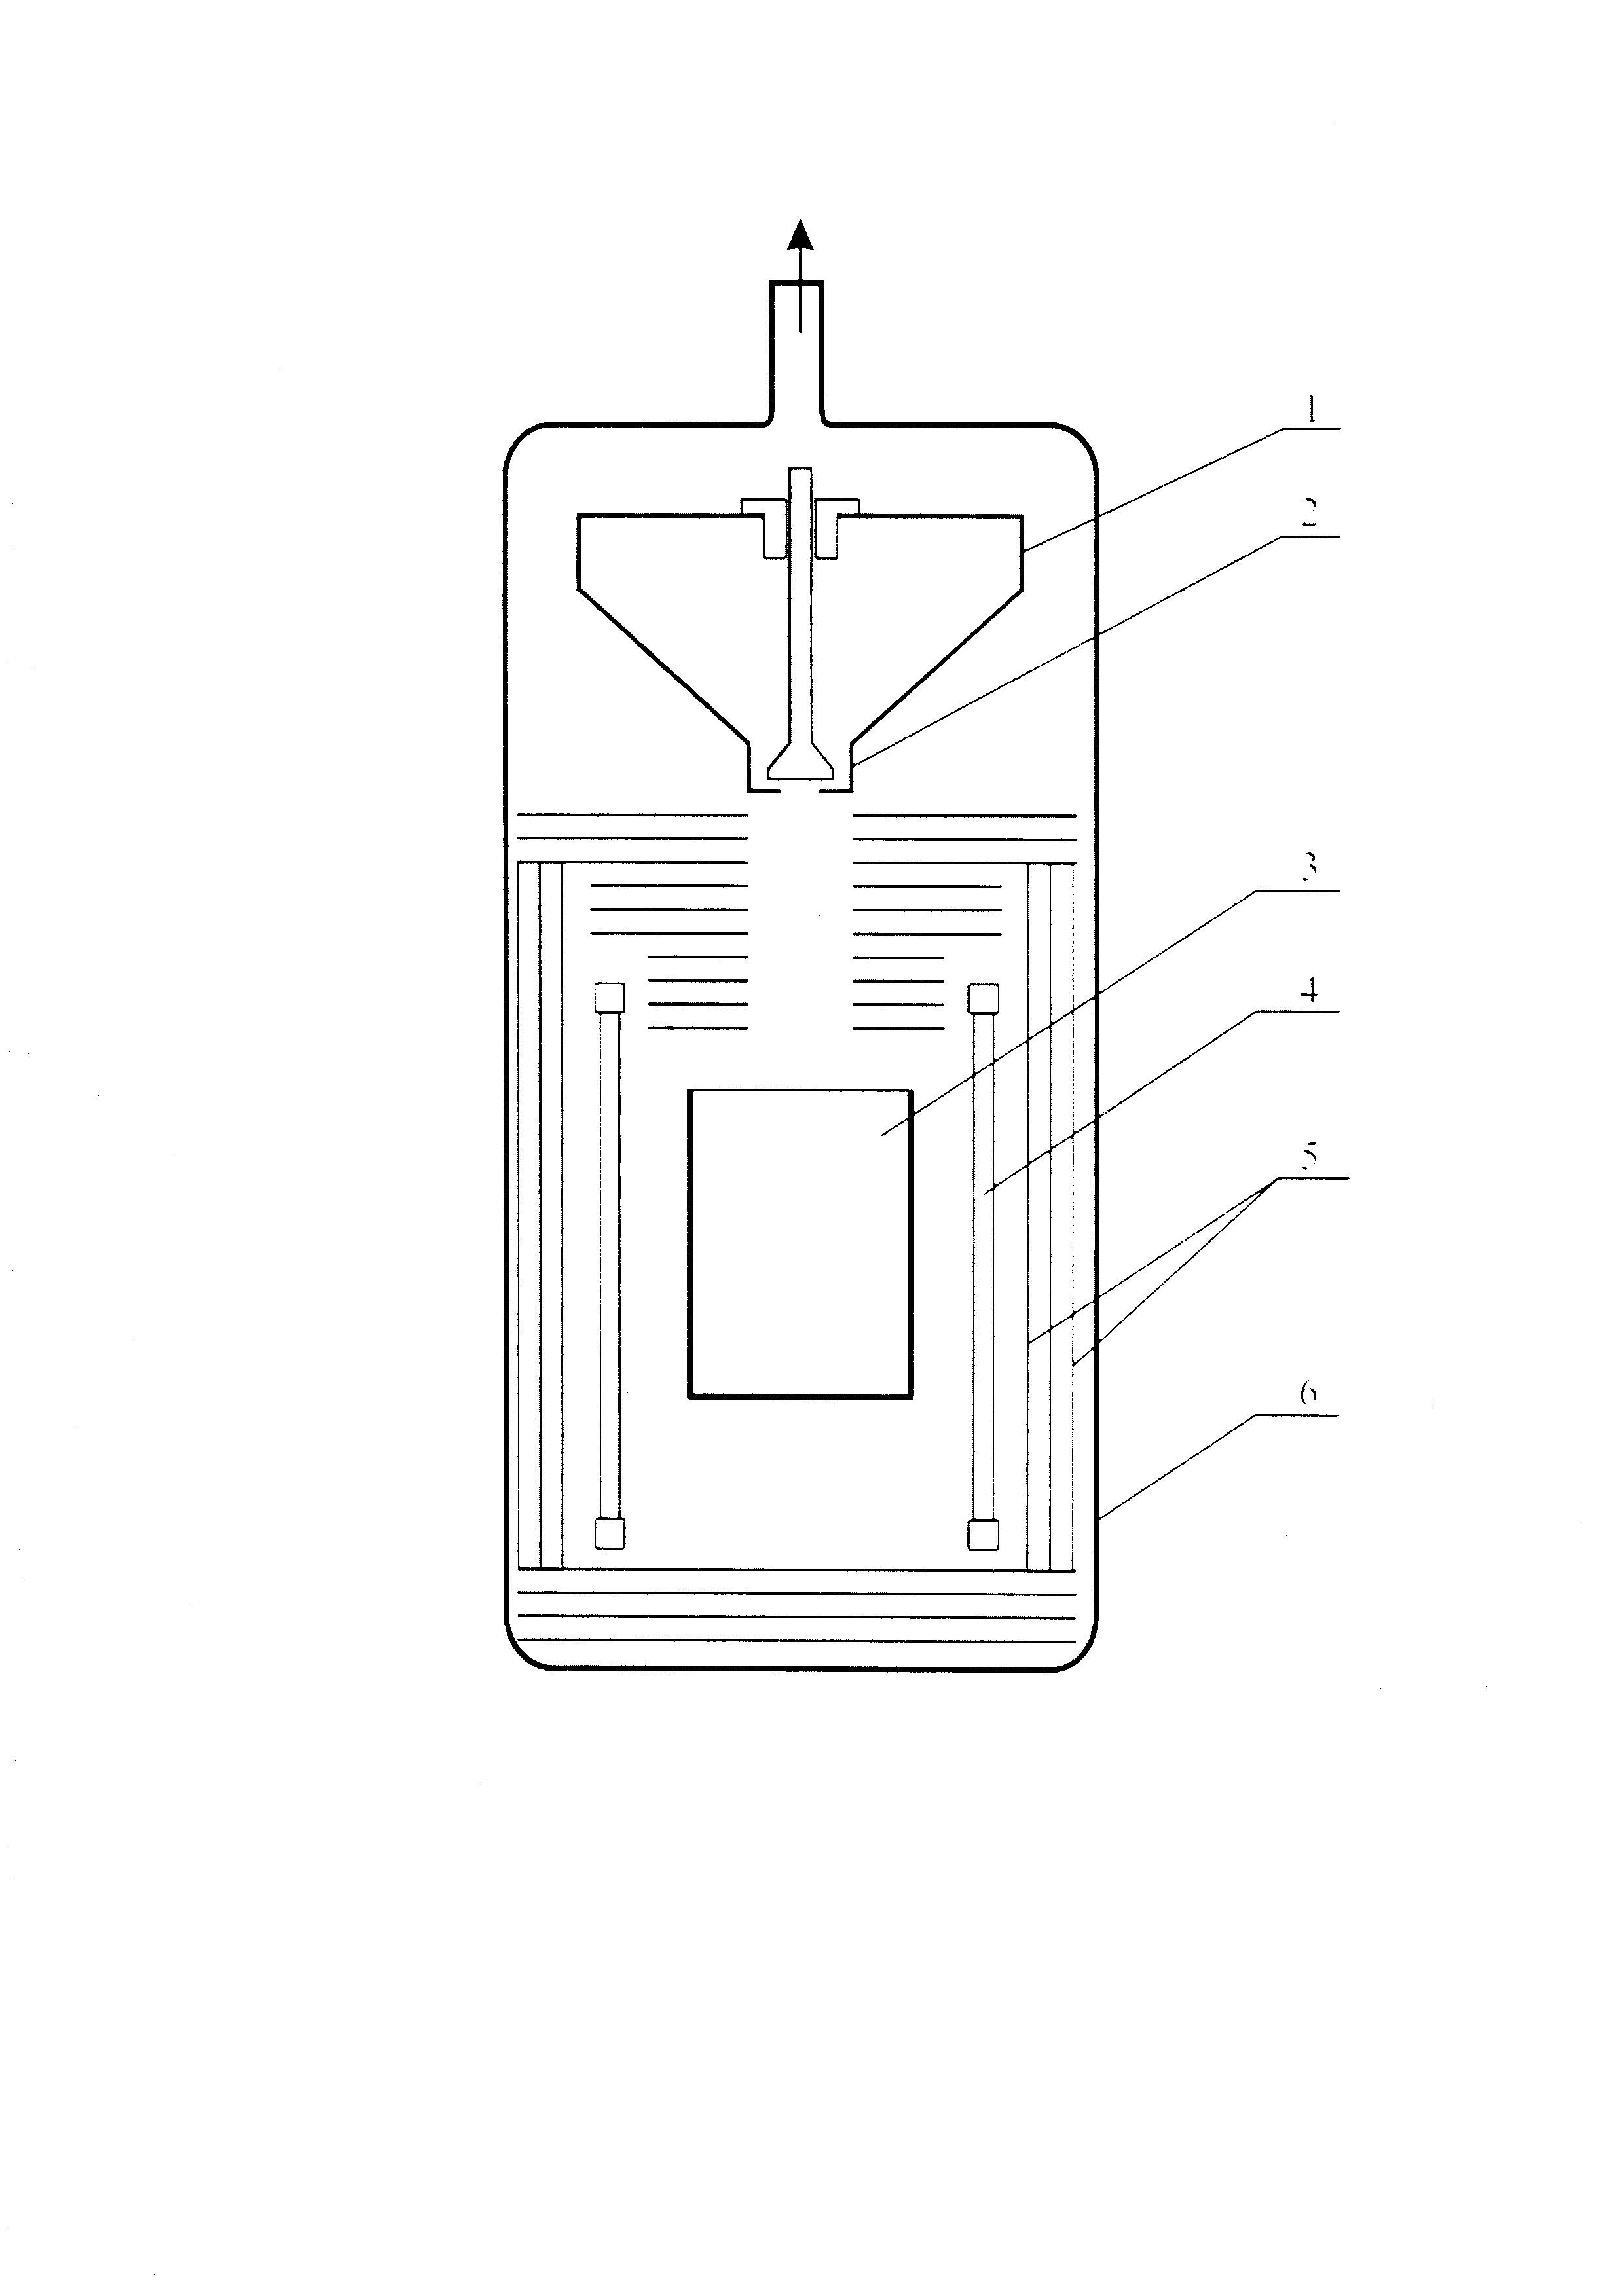 Способ получения изотропного кварцевого стекла